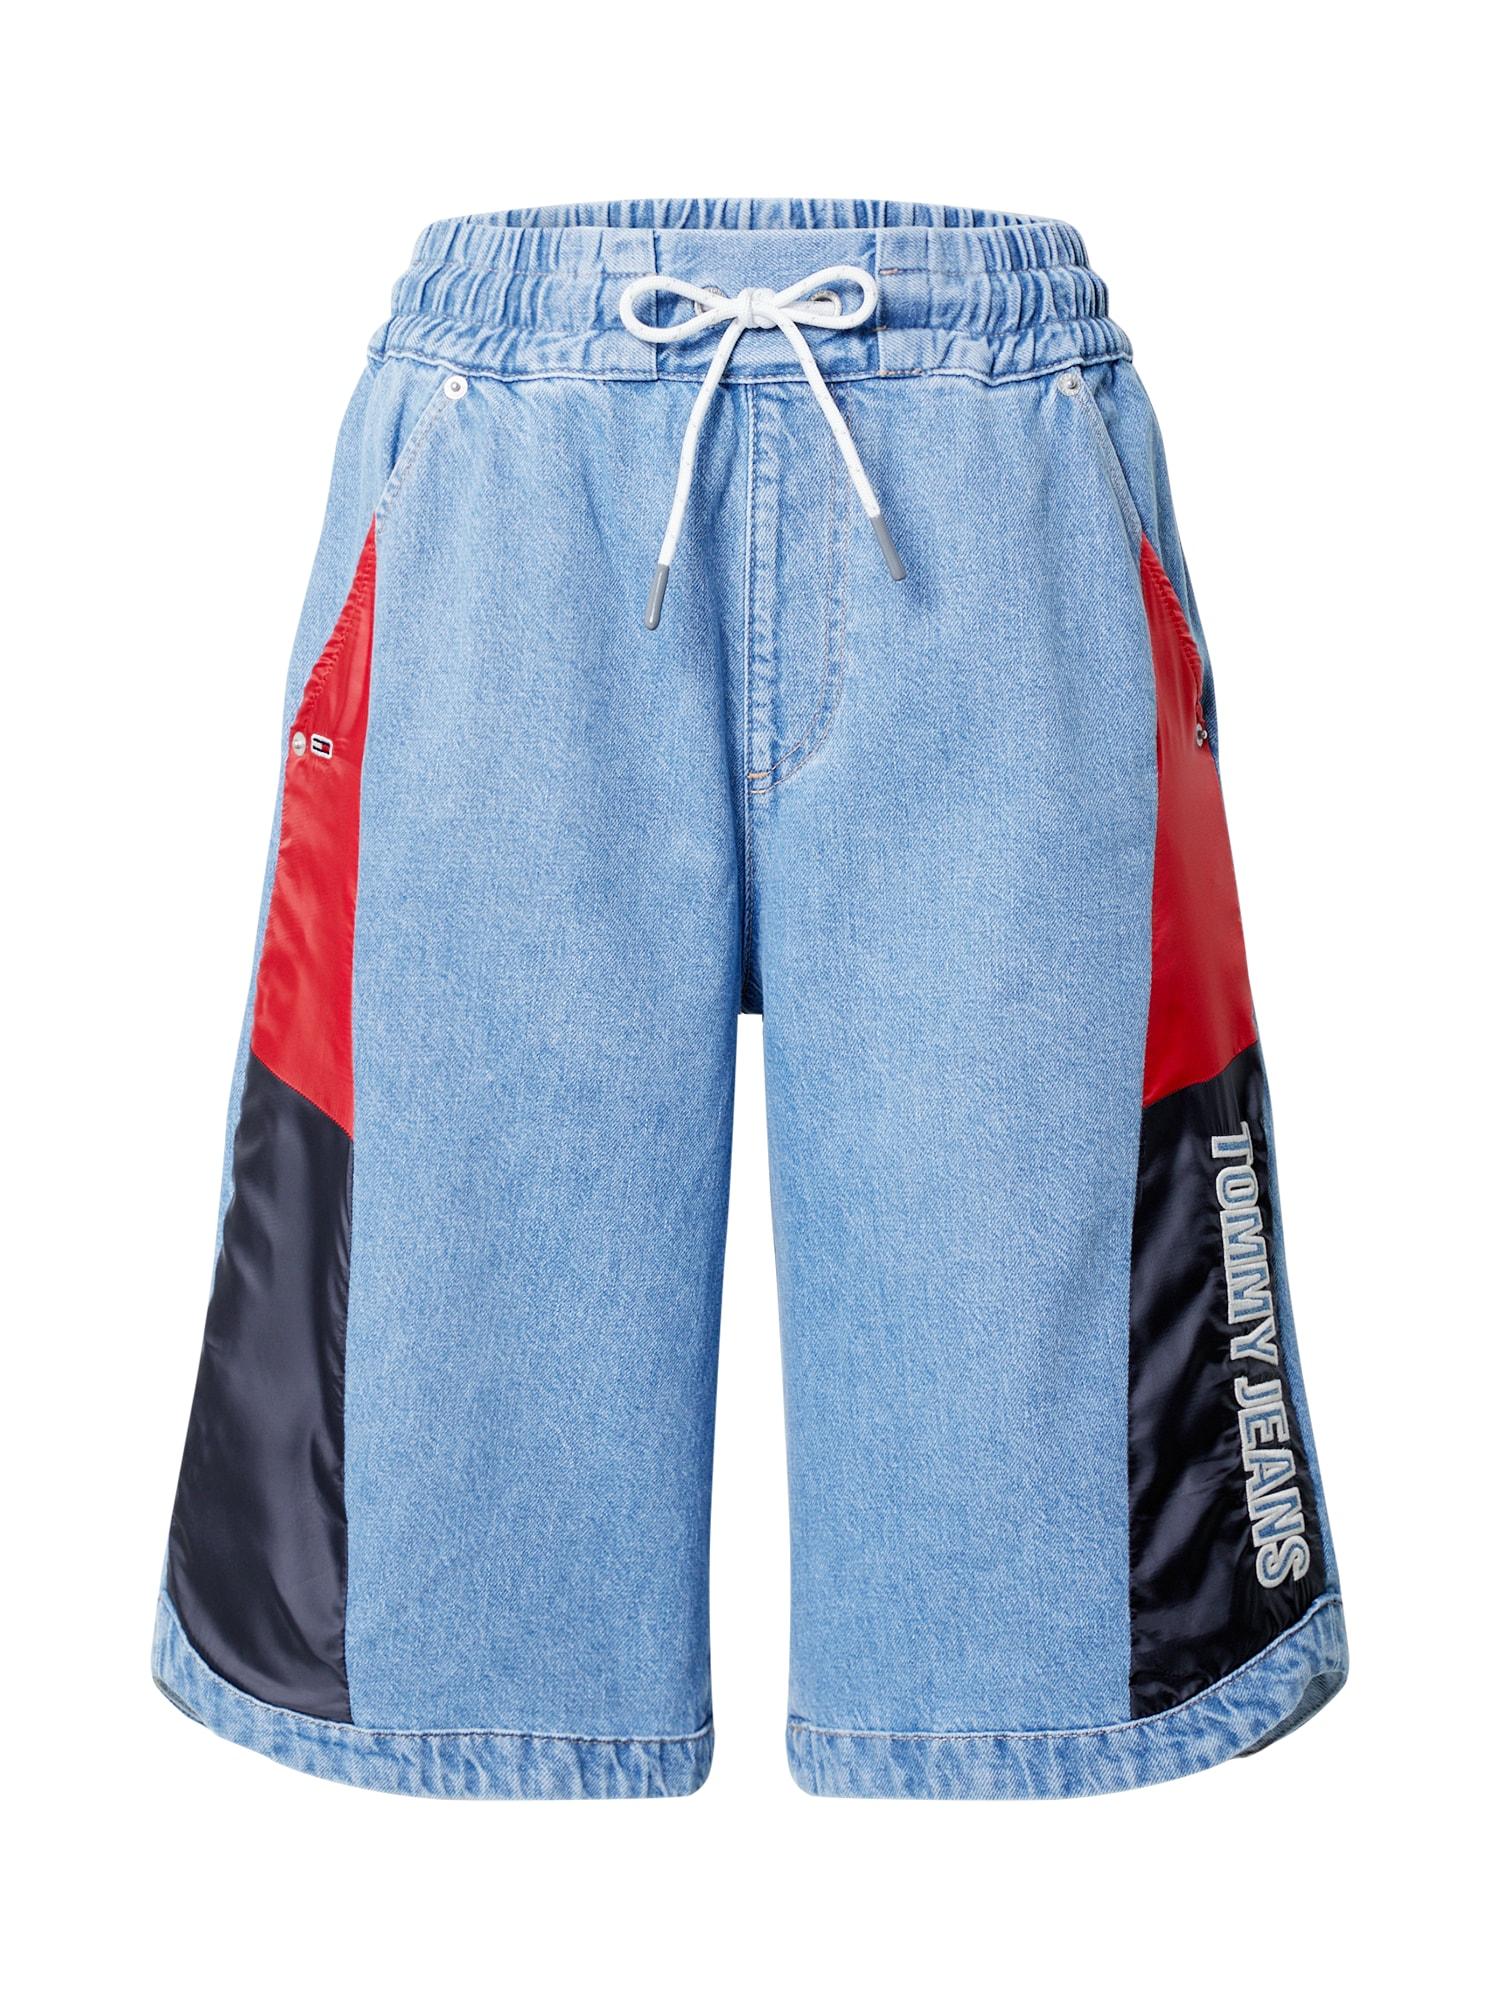 Tommy Jeans Džinsai šviesiai mėlyna / raudona / tamsiai mėlyna / vyno raudona spalva